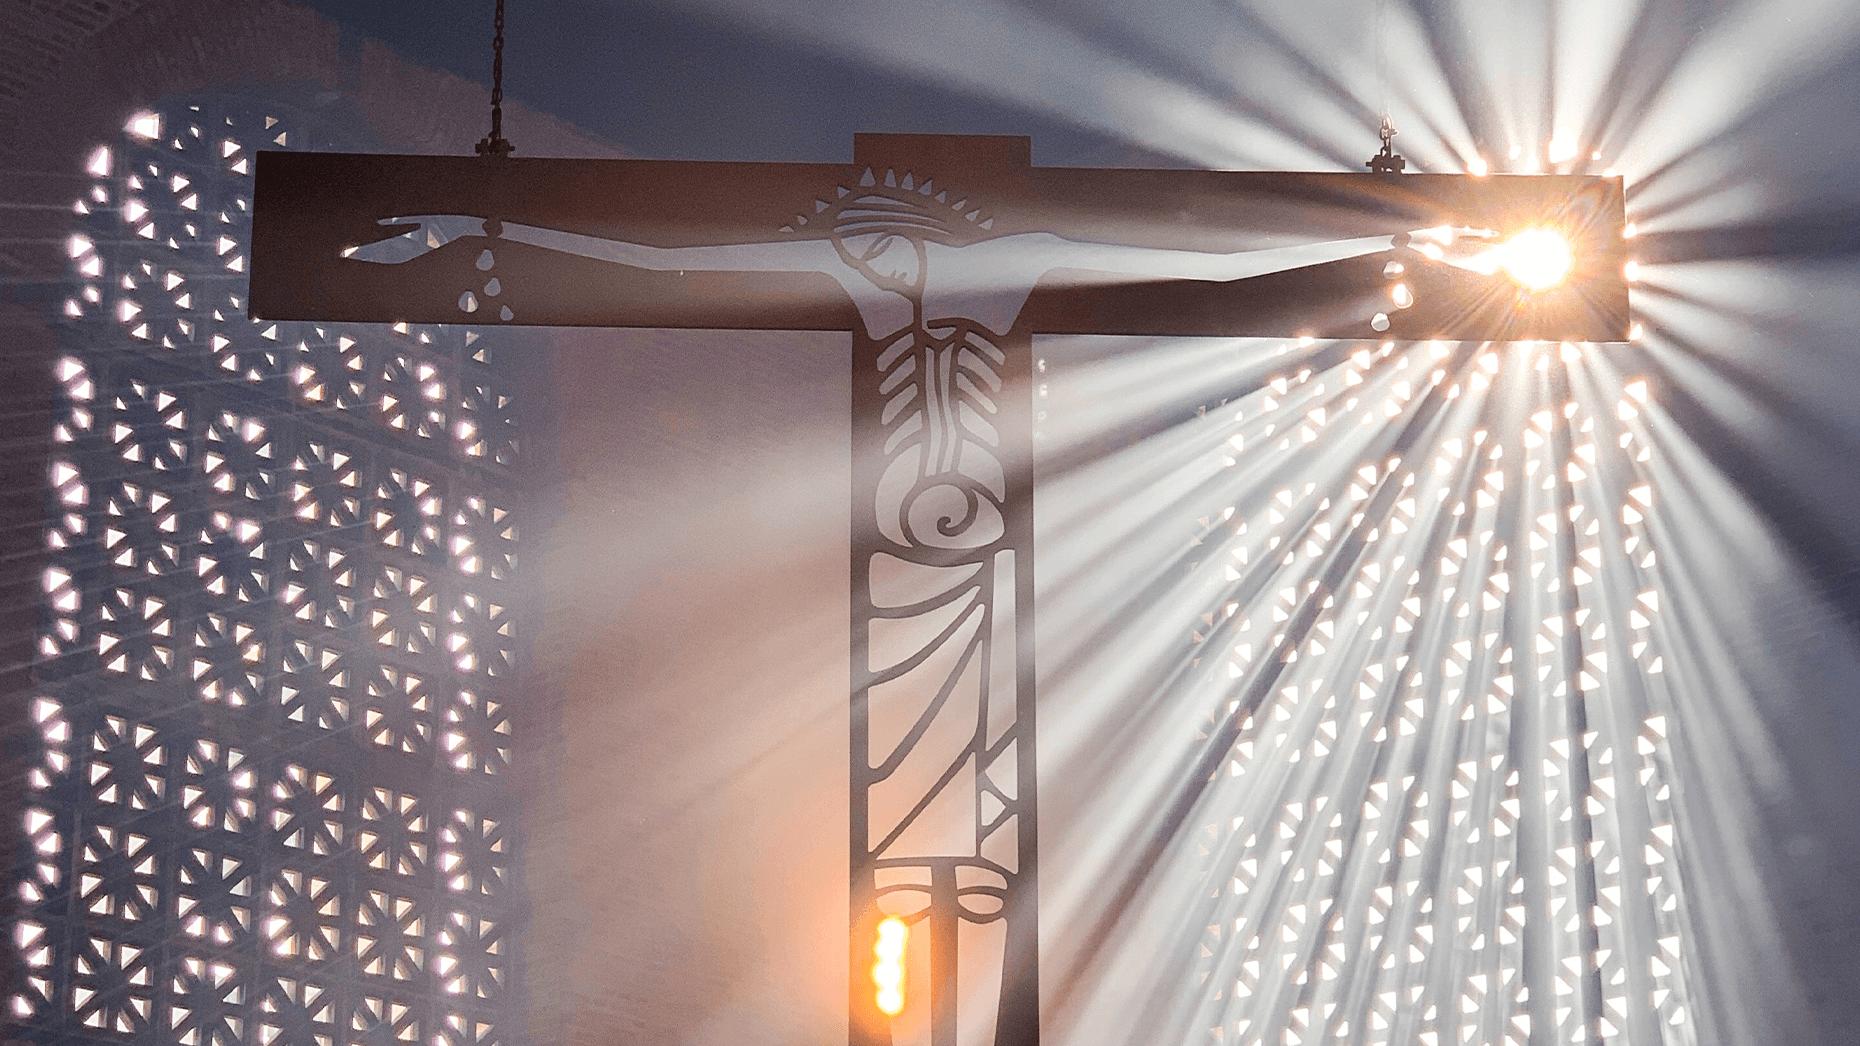 Sonnenstrahlen hinter Jesus-Kreuz in Kirchen-Altarraum